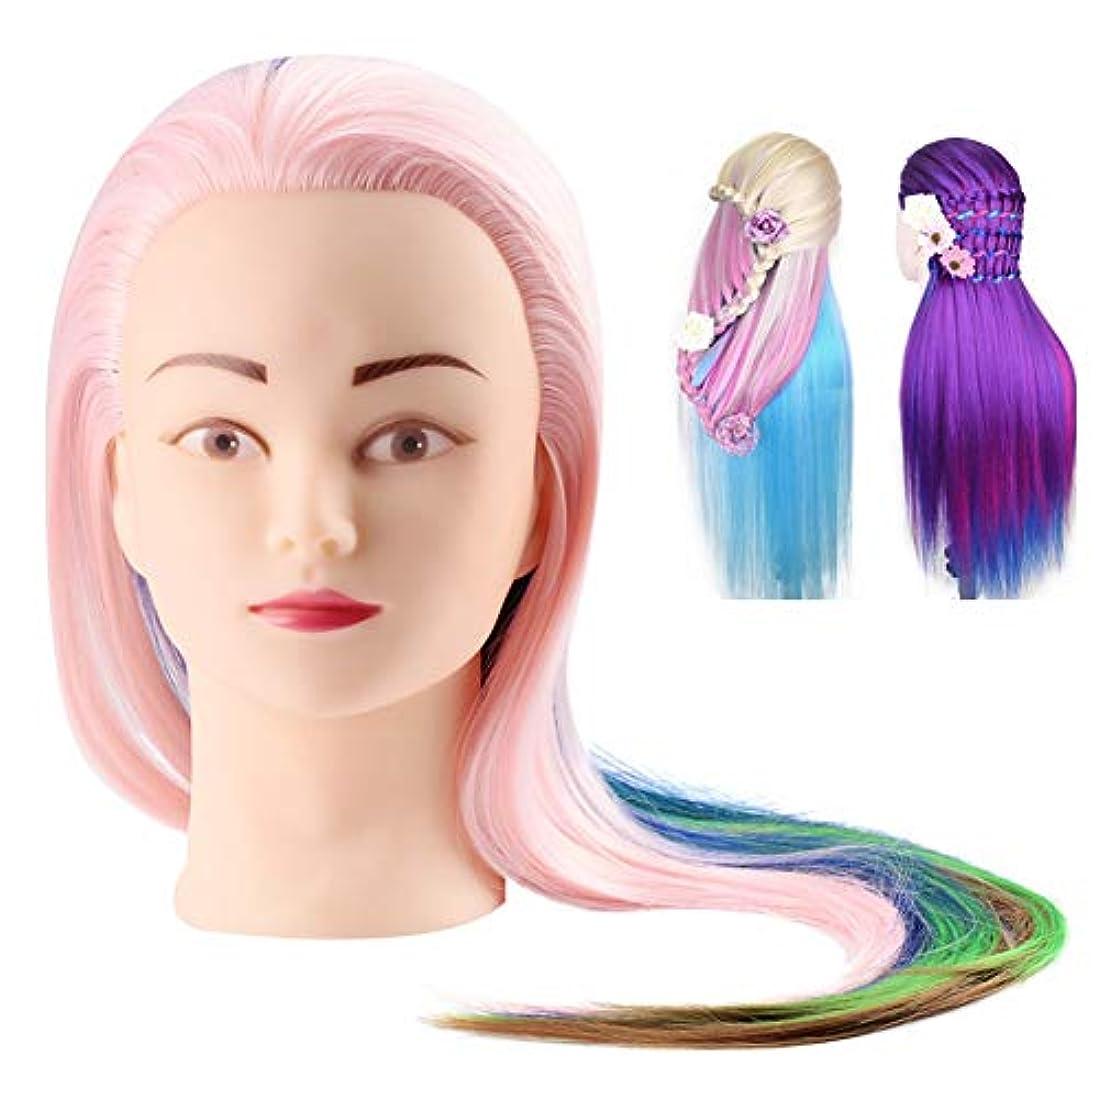 プロの理髪ヘッド、化粧品実用的なマネキン人形人工毛、人工毛理髪トレーニングヘッドエクササイズマネキン